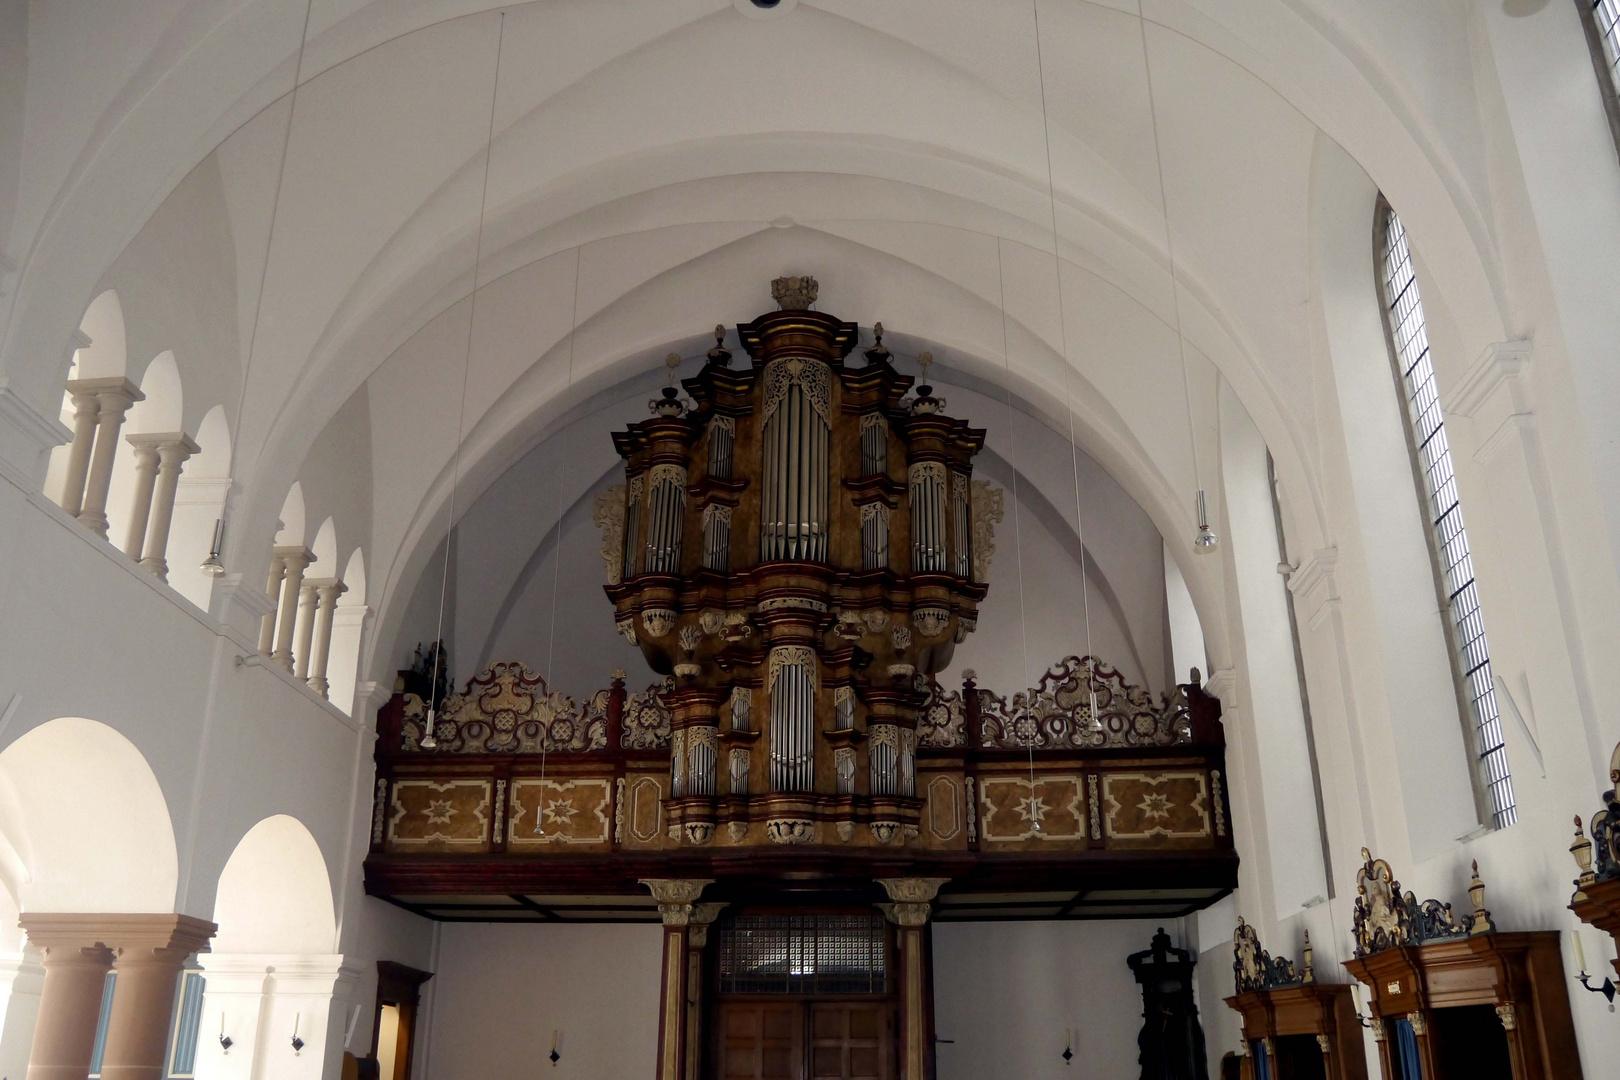 Die Orgel in der alten Wallfahrskirche zu Neviges.